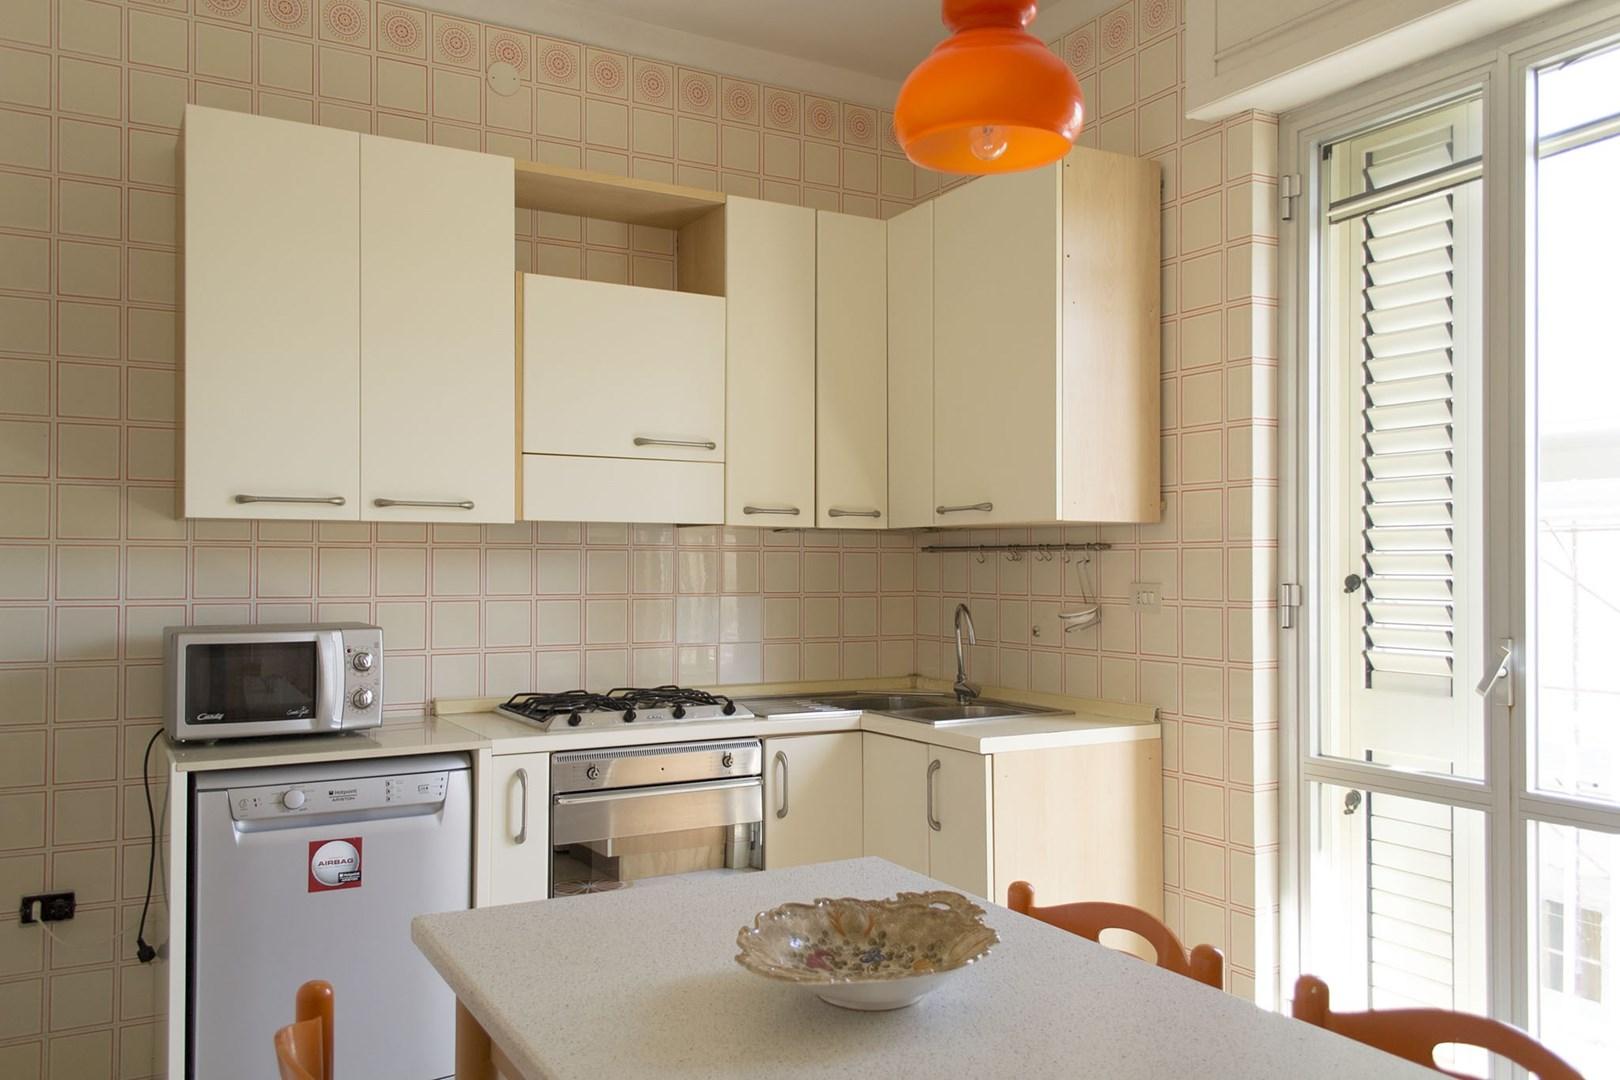 508_appartamento-lenin_cucina.jpg